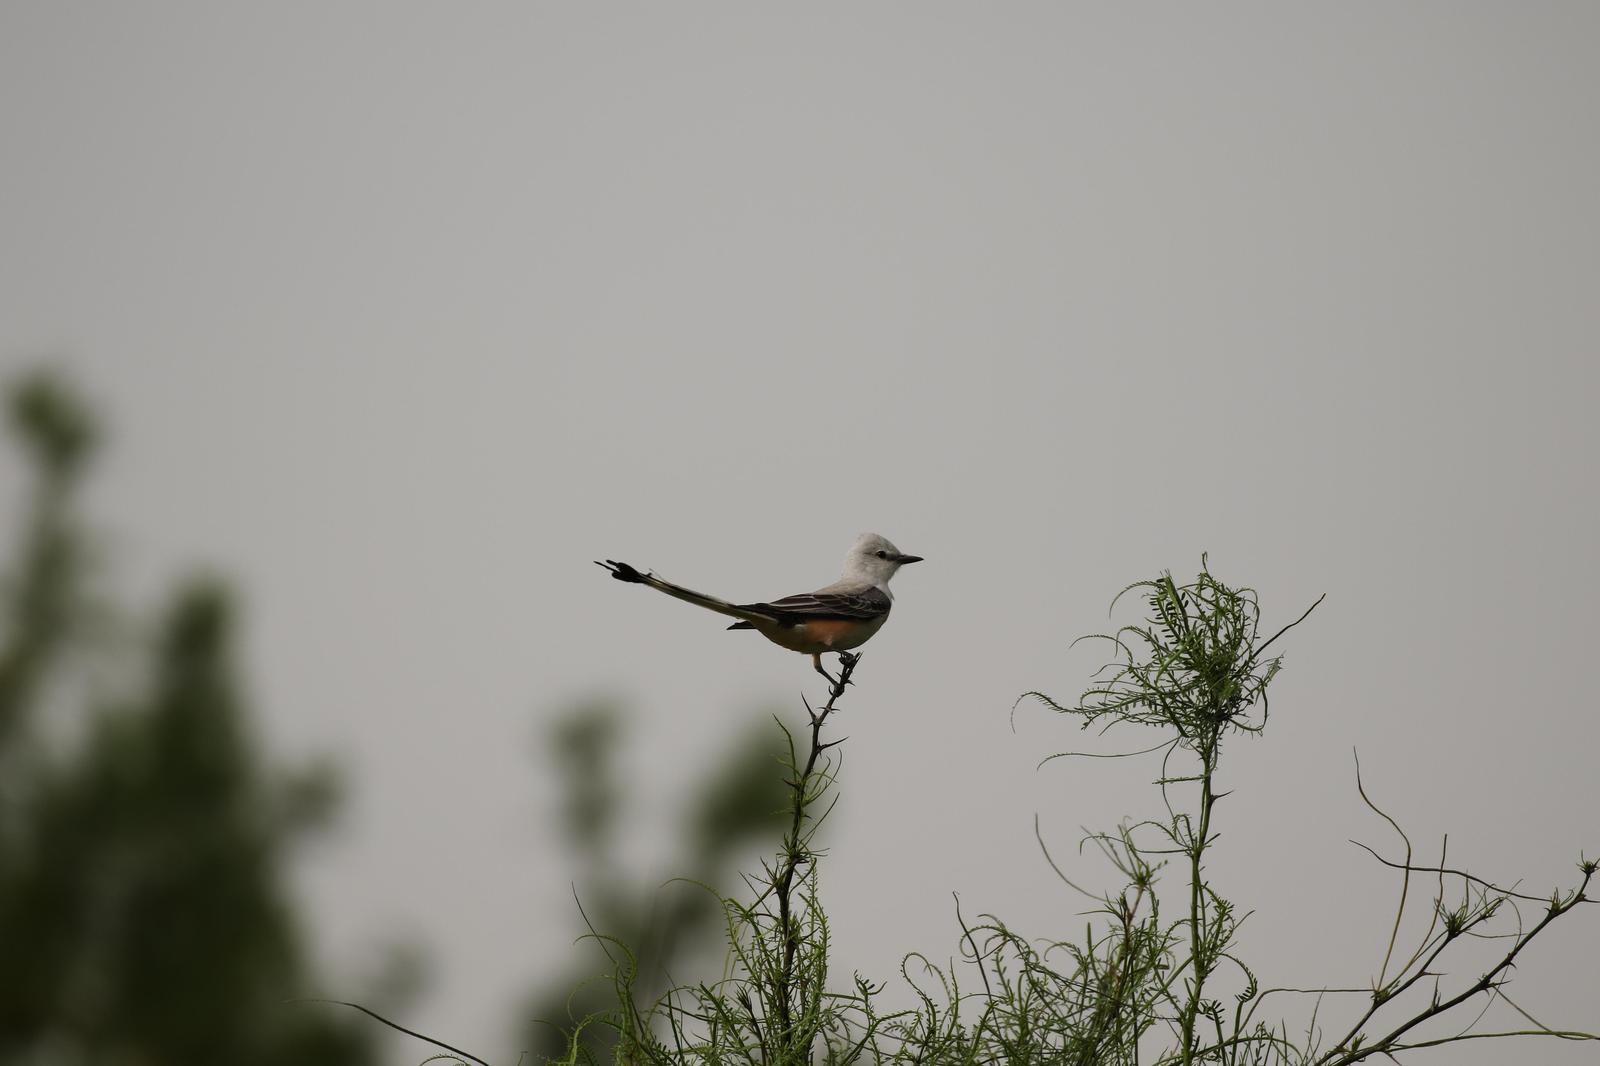 Scissor-tailed Flycatcher Photo by Kristy Baker